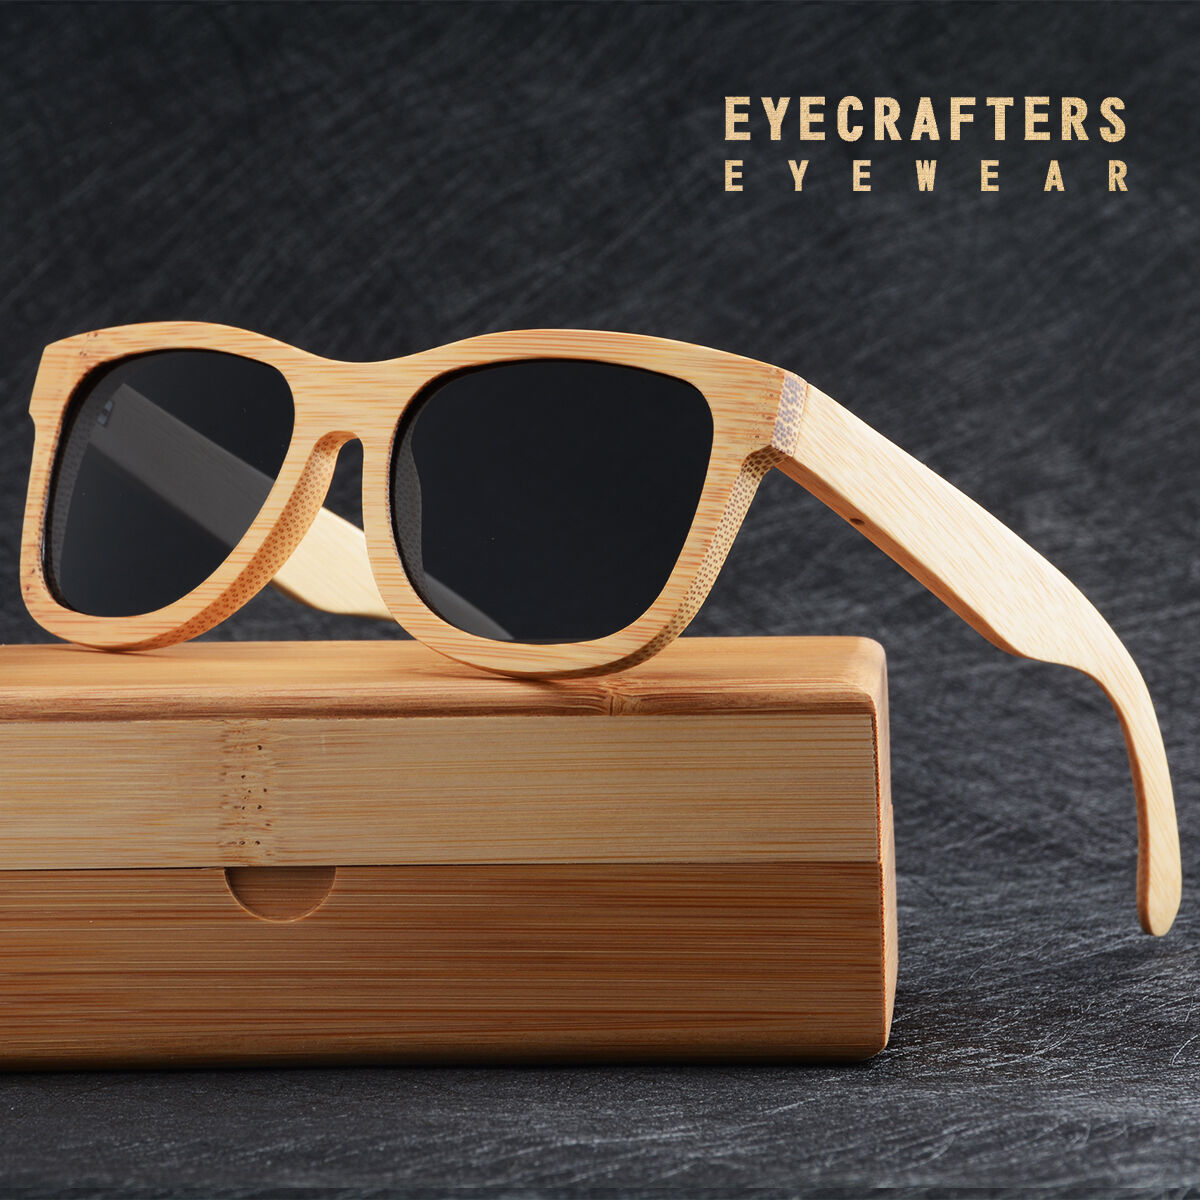 100% Handmade Natural Bamboo Wood Sunglasses Mirrored Wooden